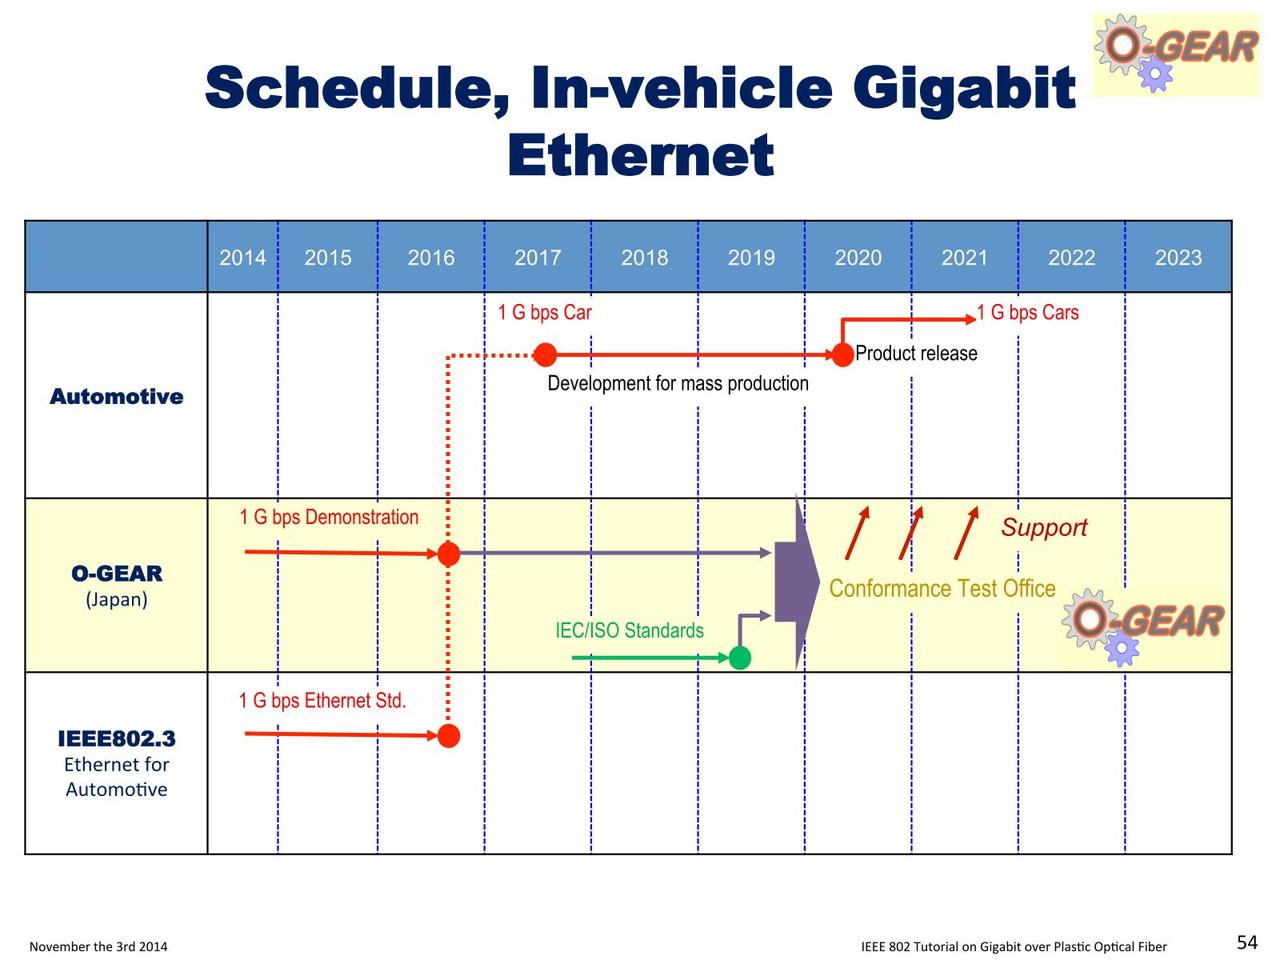 「O-GEAR」とはOptical Gigabit Ethernet for Automotive aRchitectureの略。2019年までに標準化を完了させ、2020年からは量産、これが2021年には路上を走るというタイムラインが示された